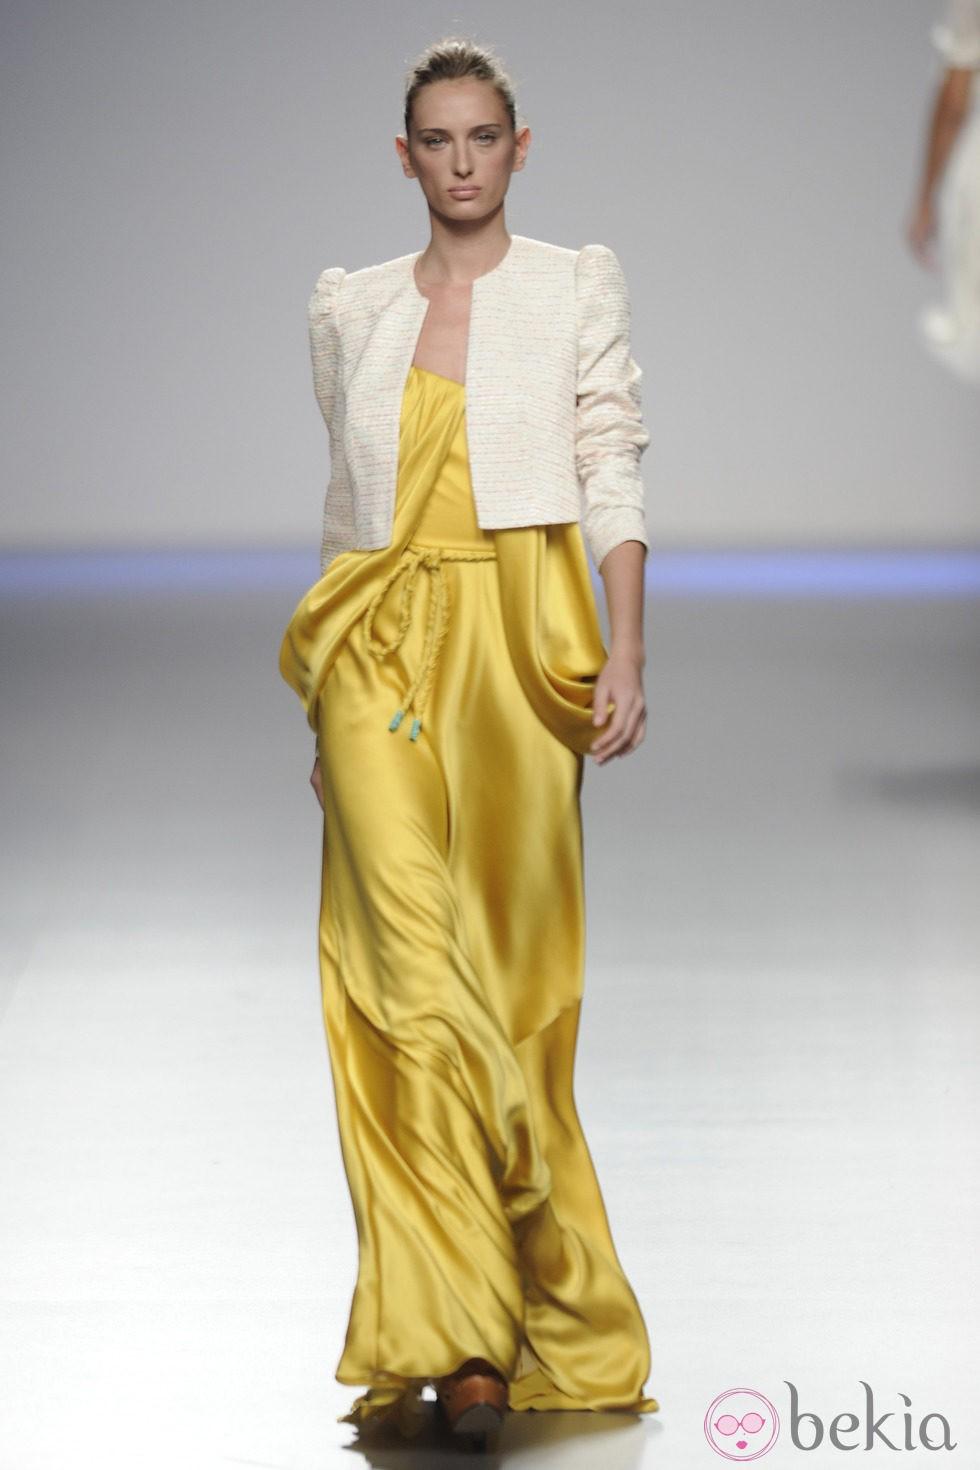 0f427852bf4 Anterior Vestido largo de seda amarillo con chaqueta blanca de la colección  primavera-verano 2013 de